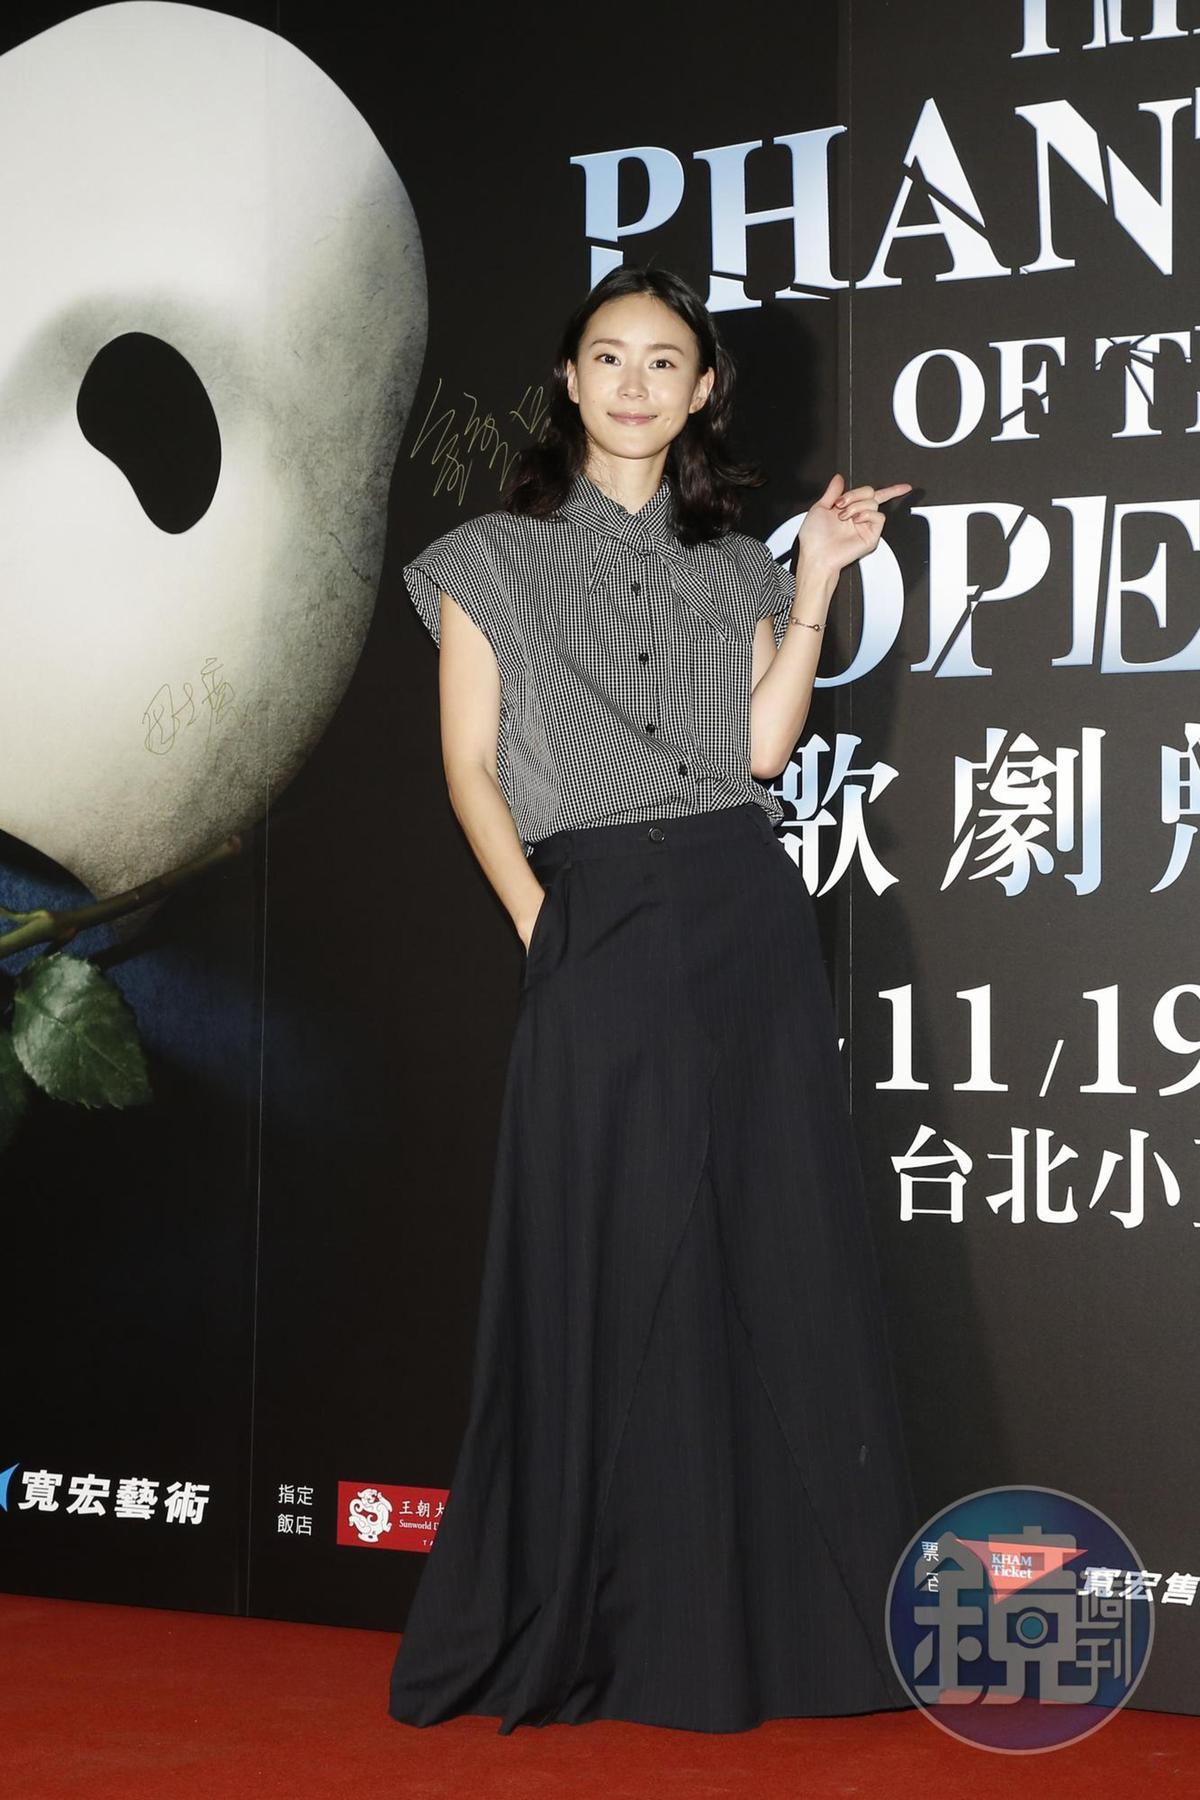 鍾瑶現身台北小巨蛋看《歌劇魅影》,知道自己是第一位到場超開心。